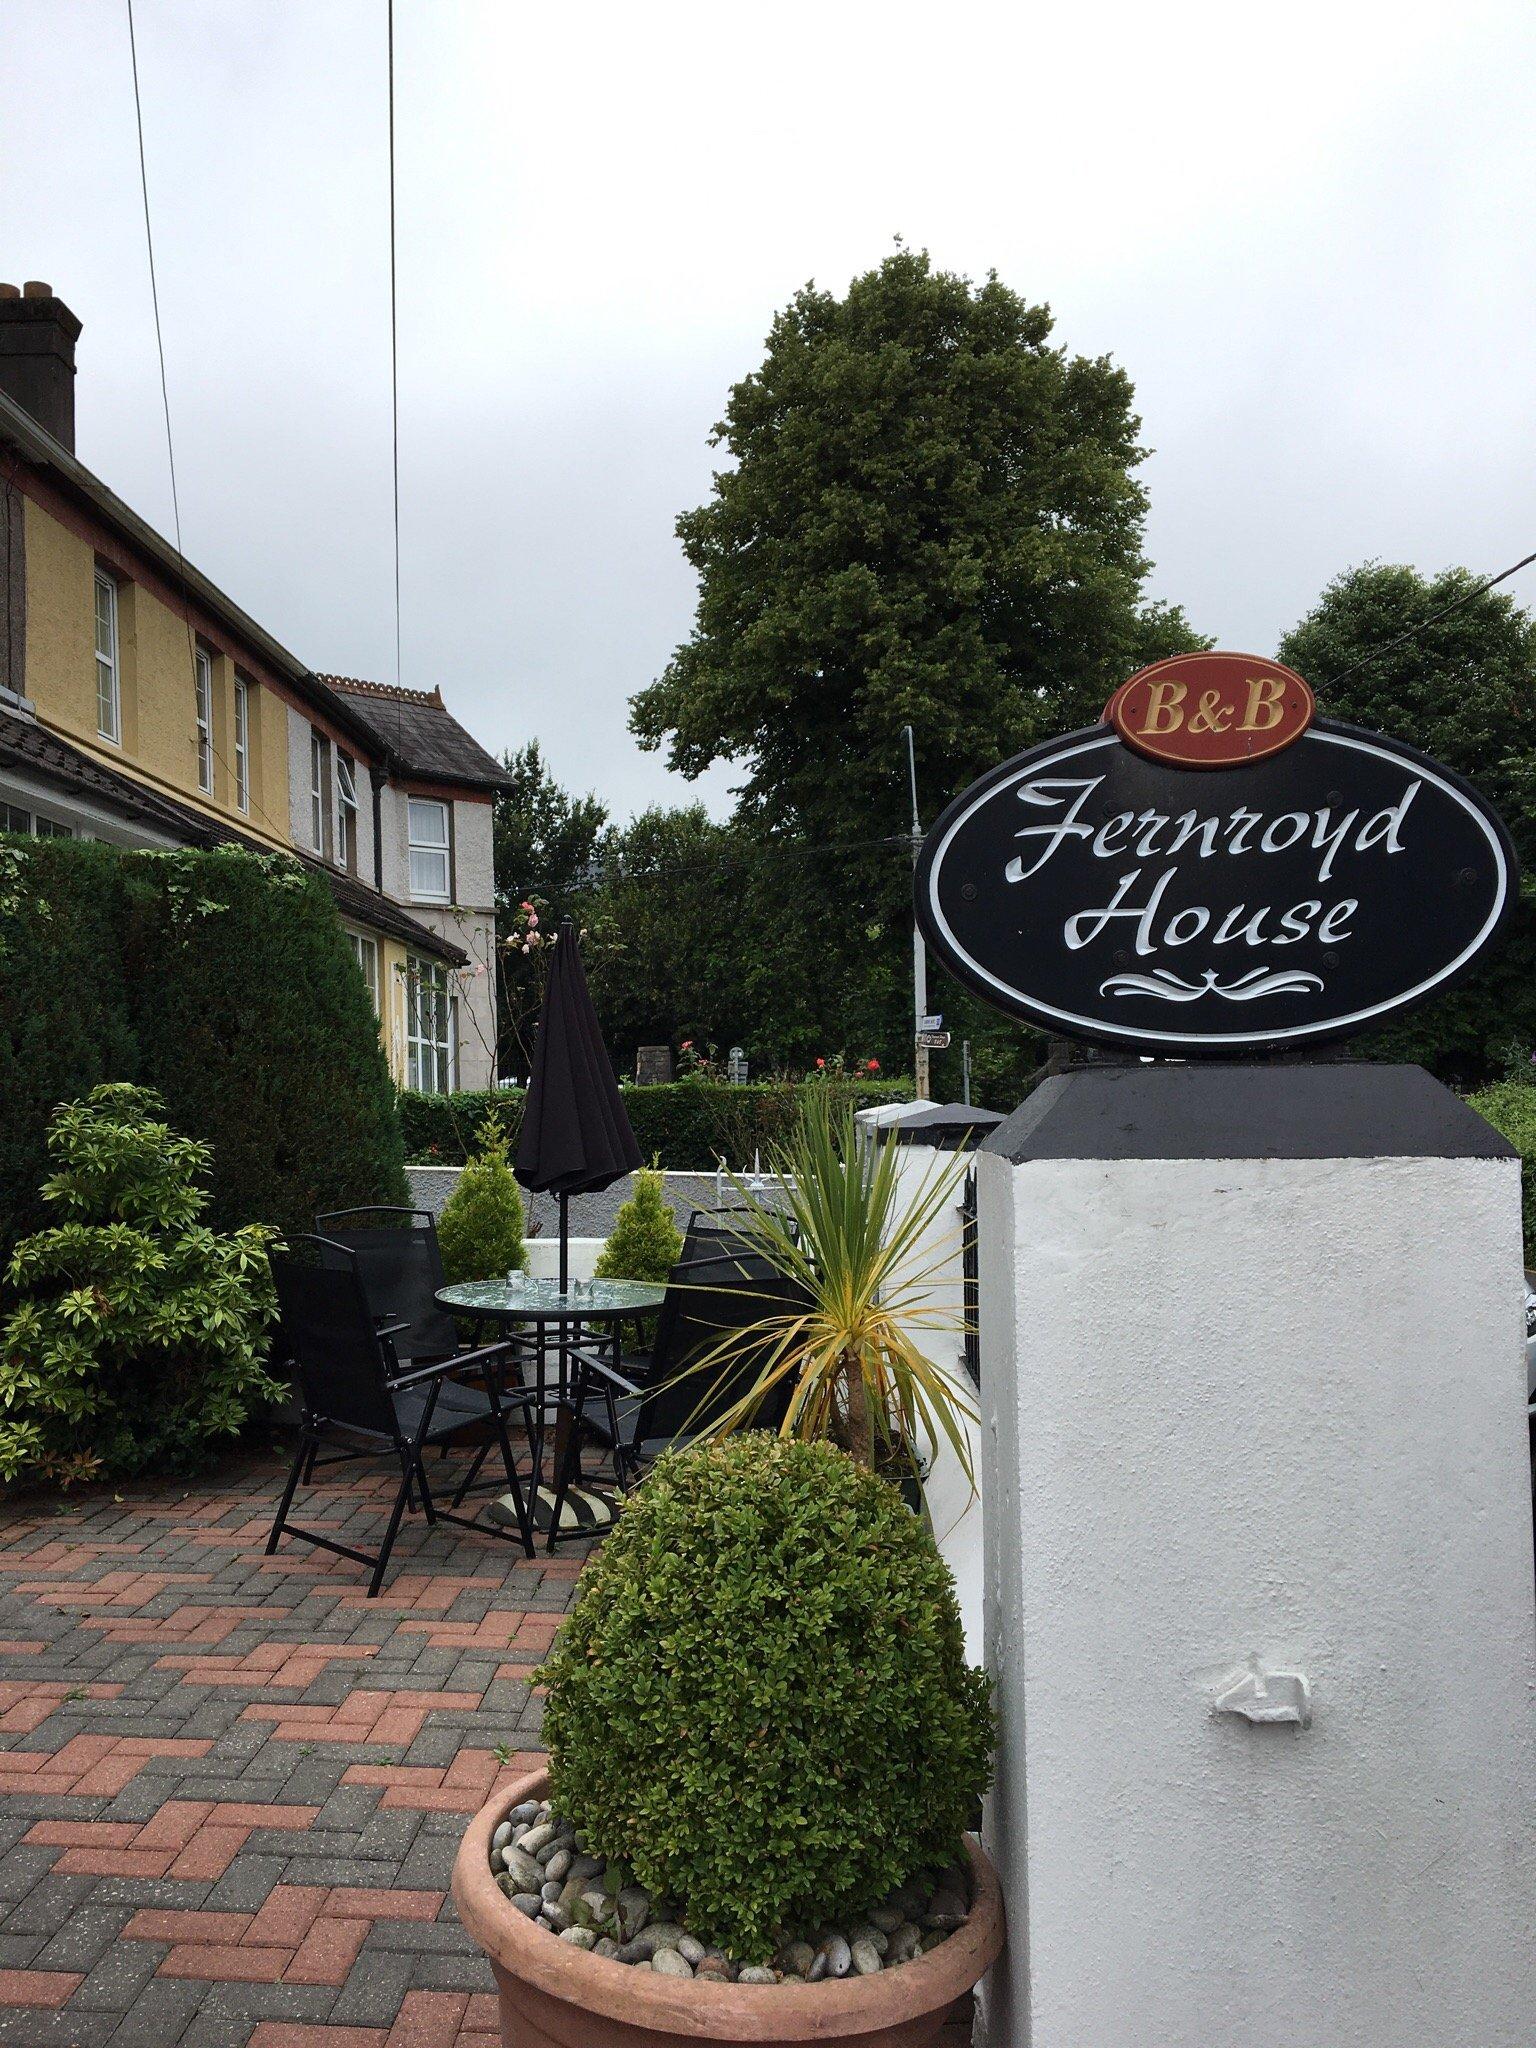 Fernroyd House B&B